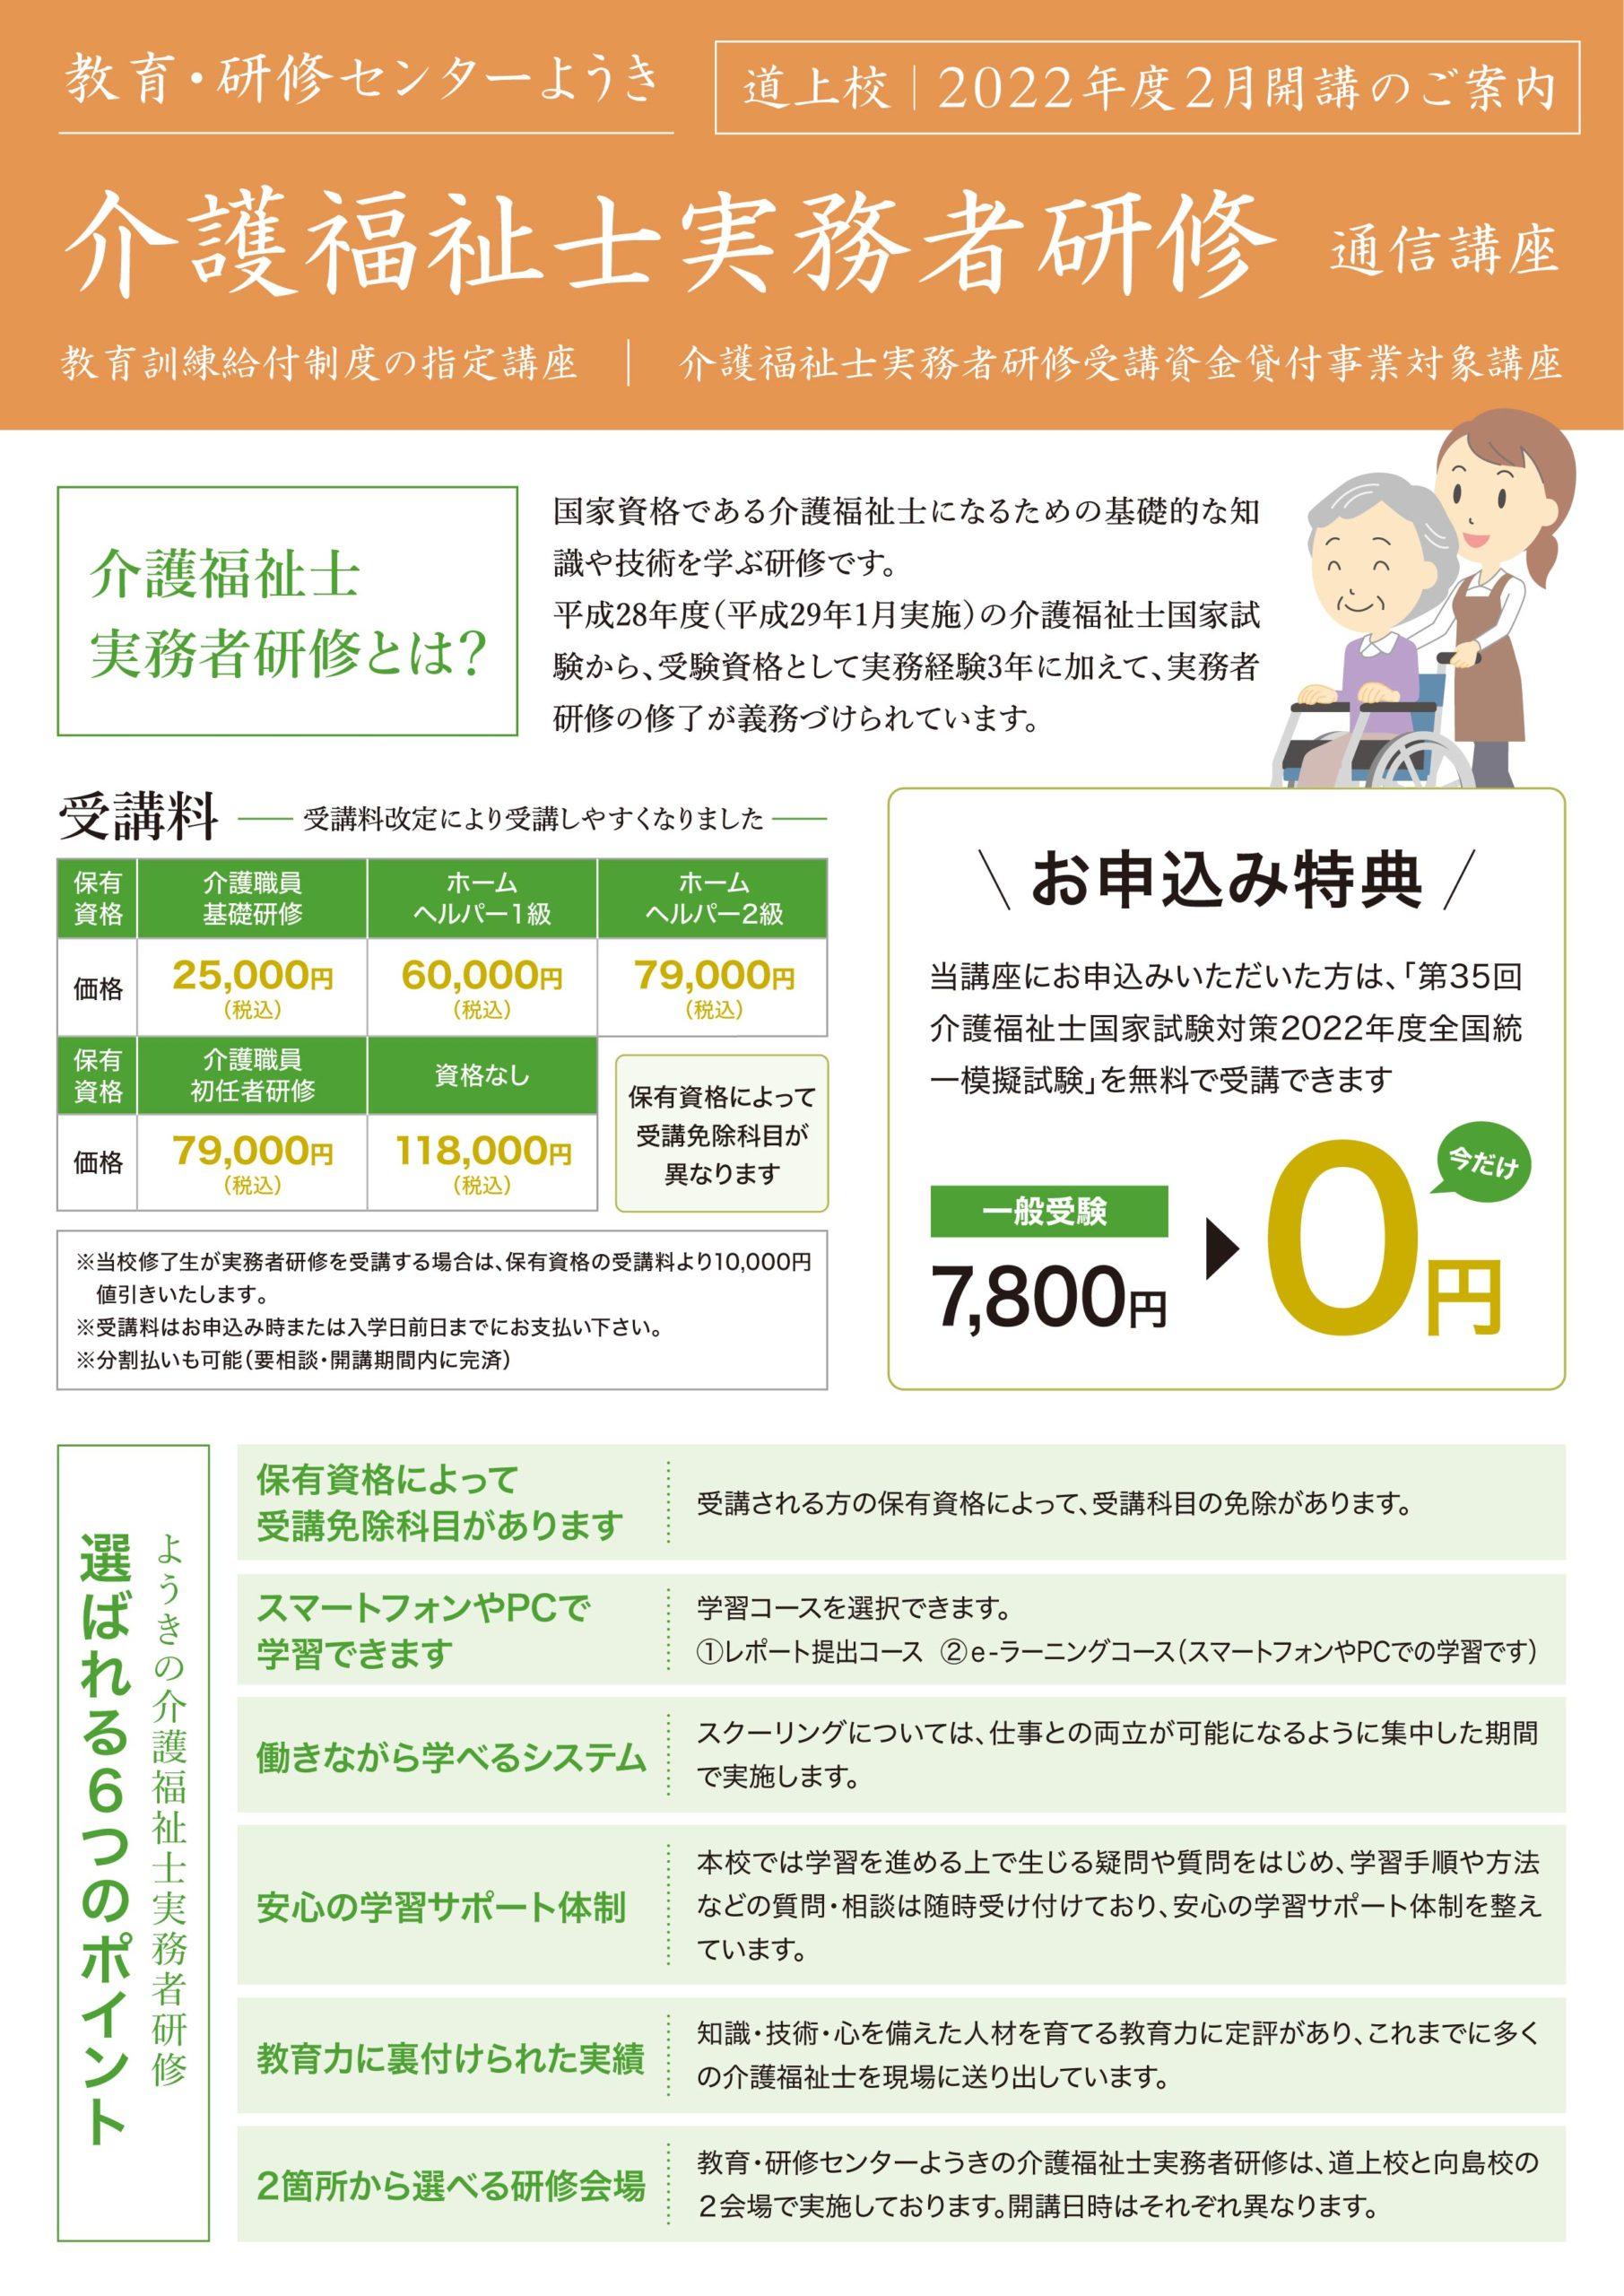 介護福祉士実務者研修-道上校(2022-02)-表